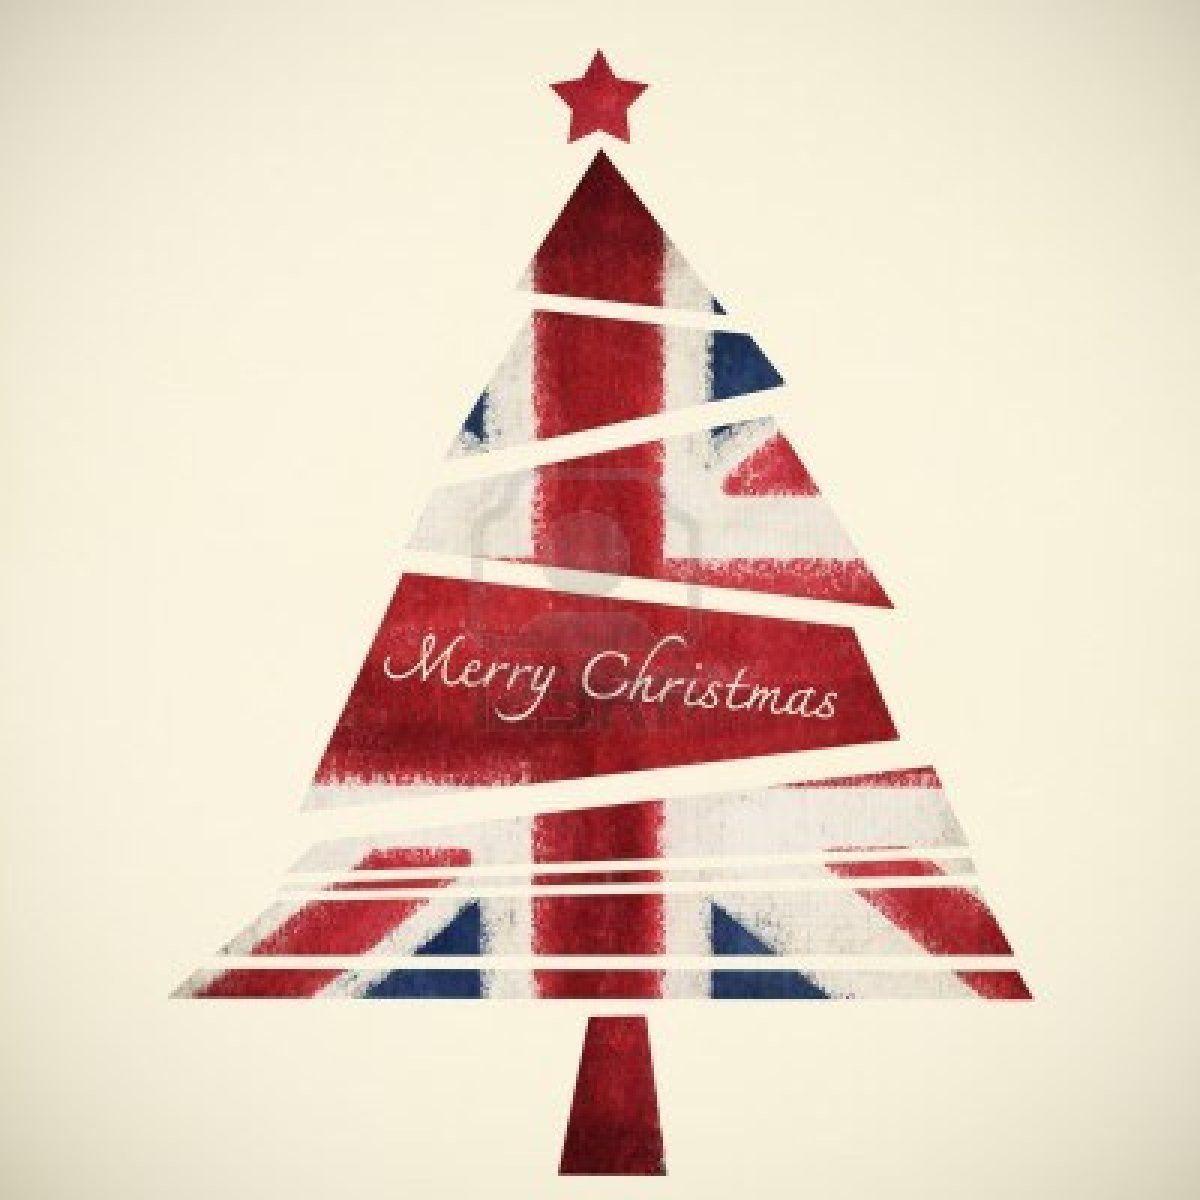 Des idées de cadeaux de Noël in English !